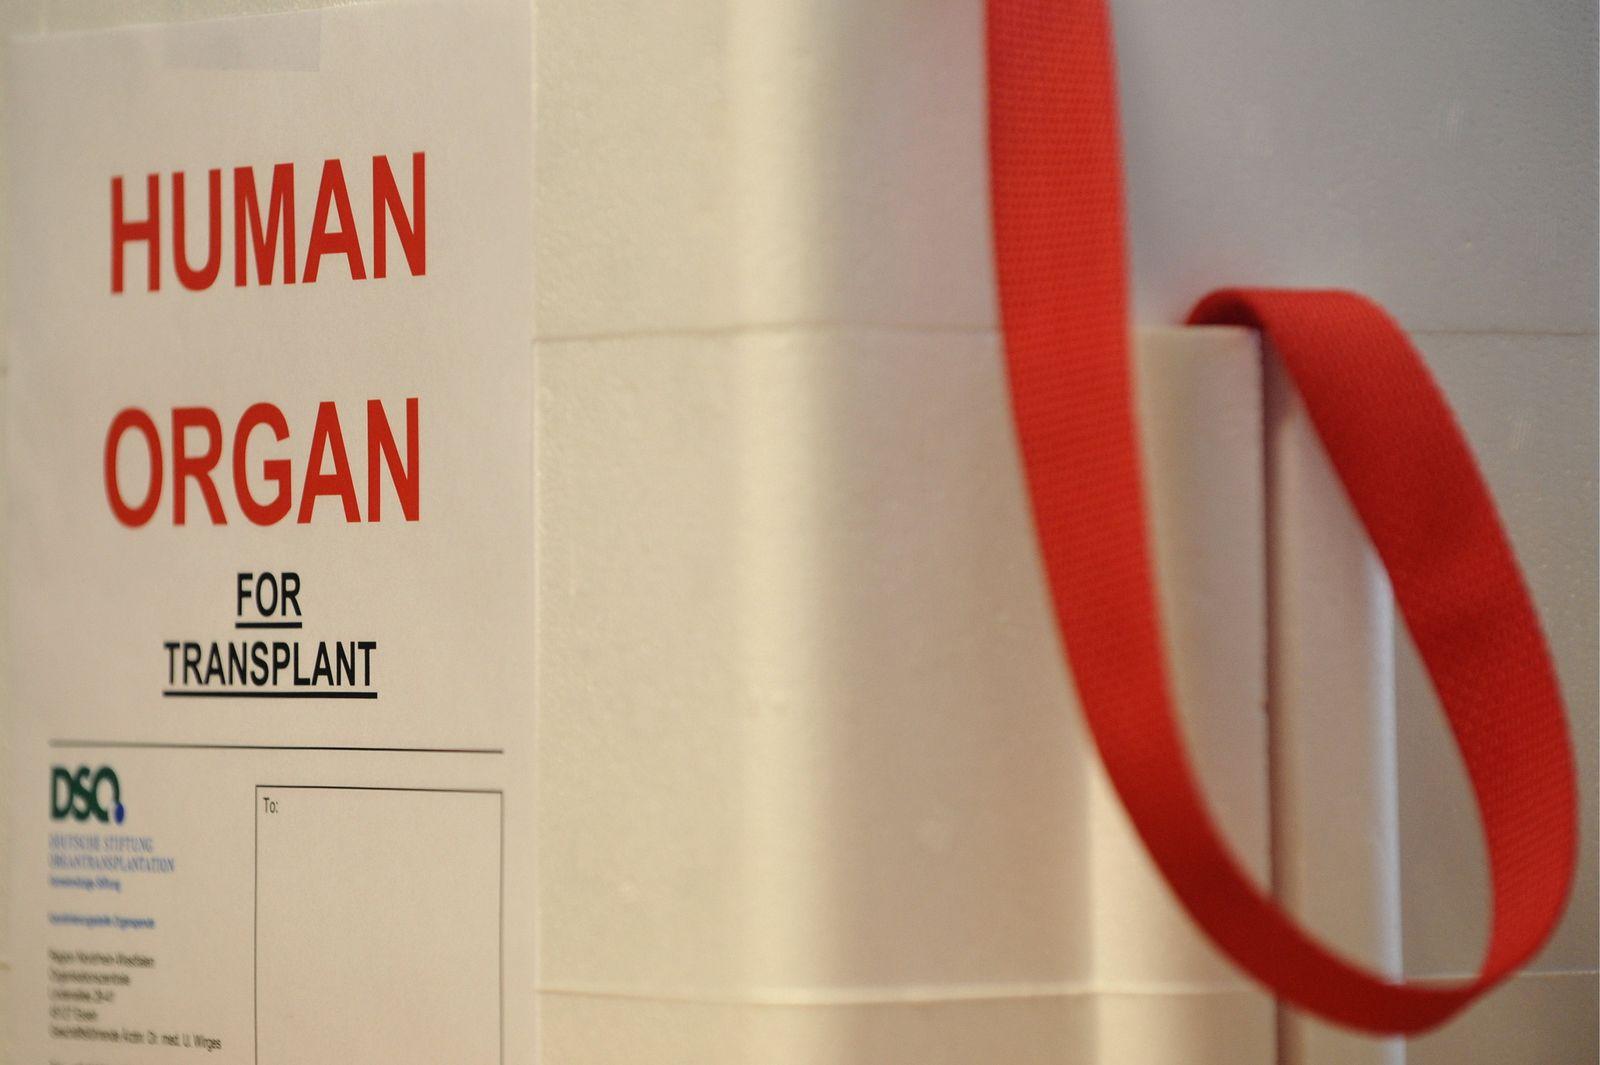 NICHT VERWENDEN Organspende / Organtransplantation